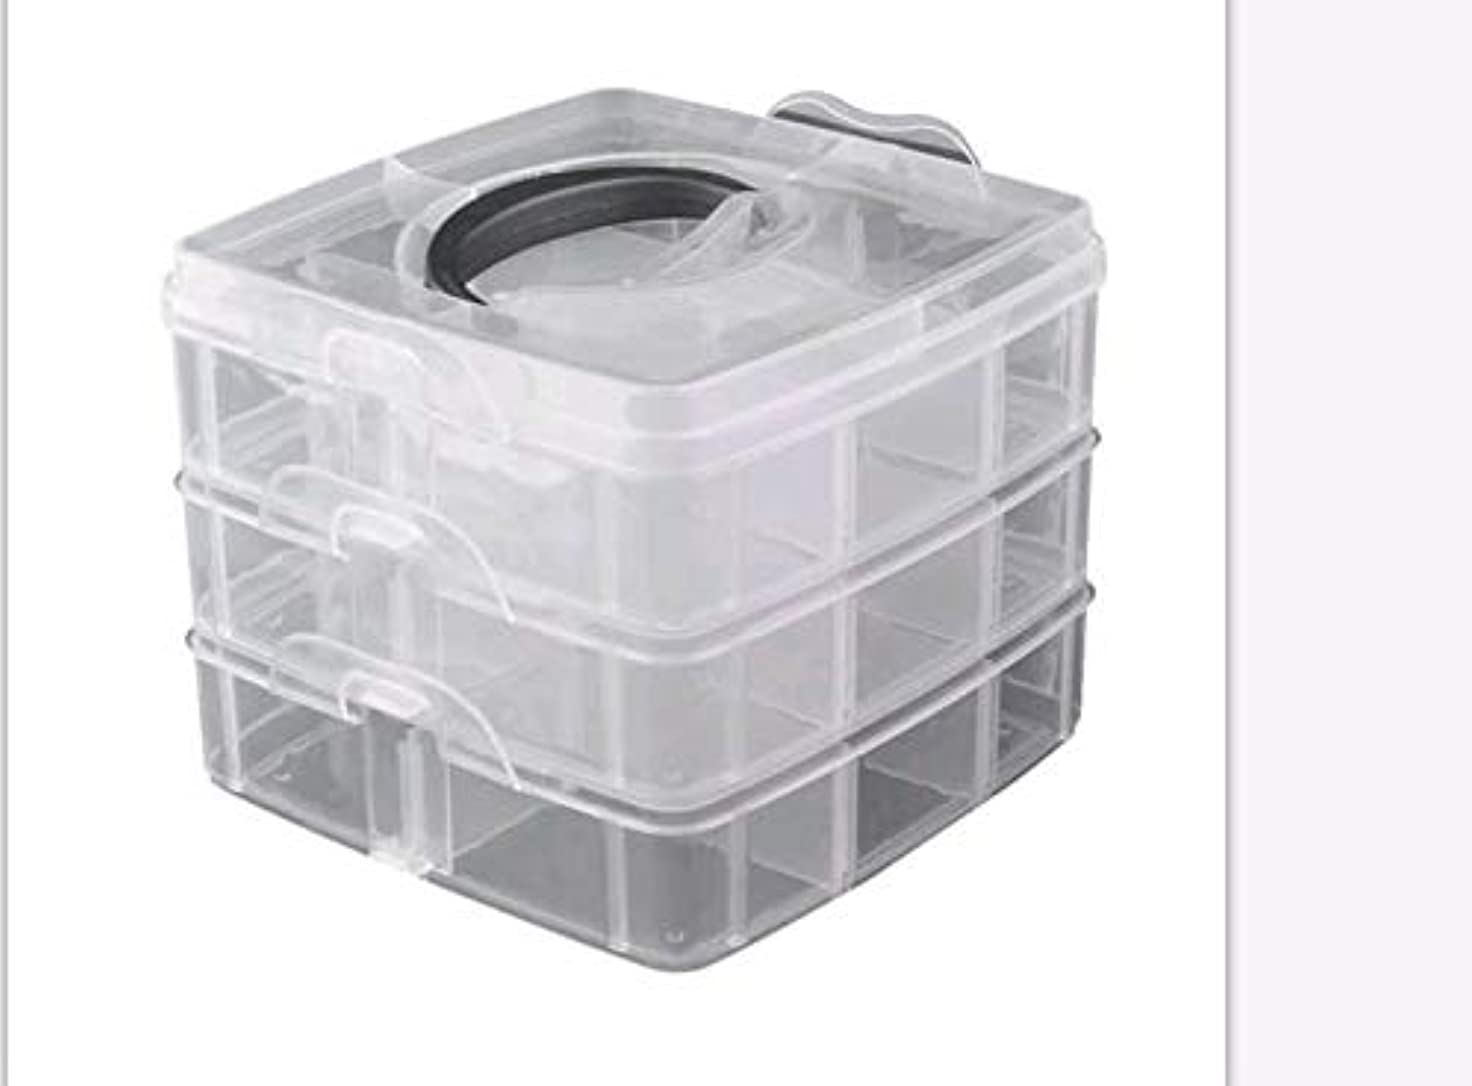 前提条件気晴らし雑草3層プラスチック空き収納ボックスネイルアートラインストーンツールジュエリービーズオーガナイザーコンテナ取り外し可能なメイクアップボックス